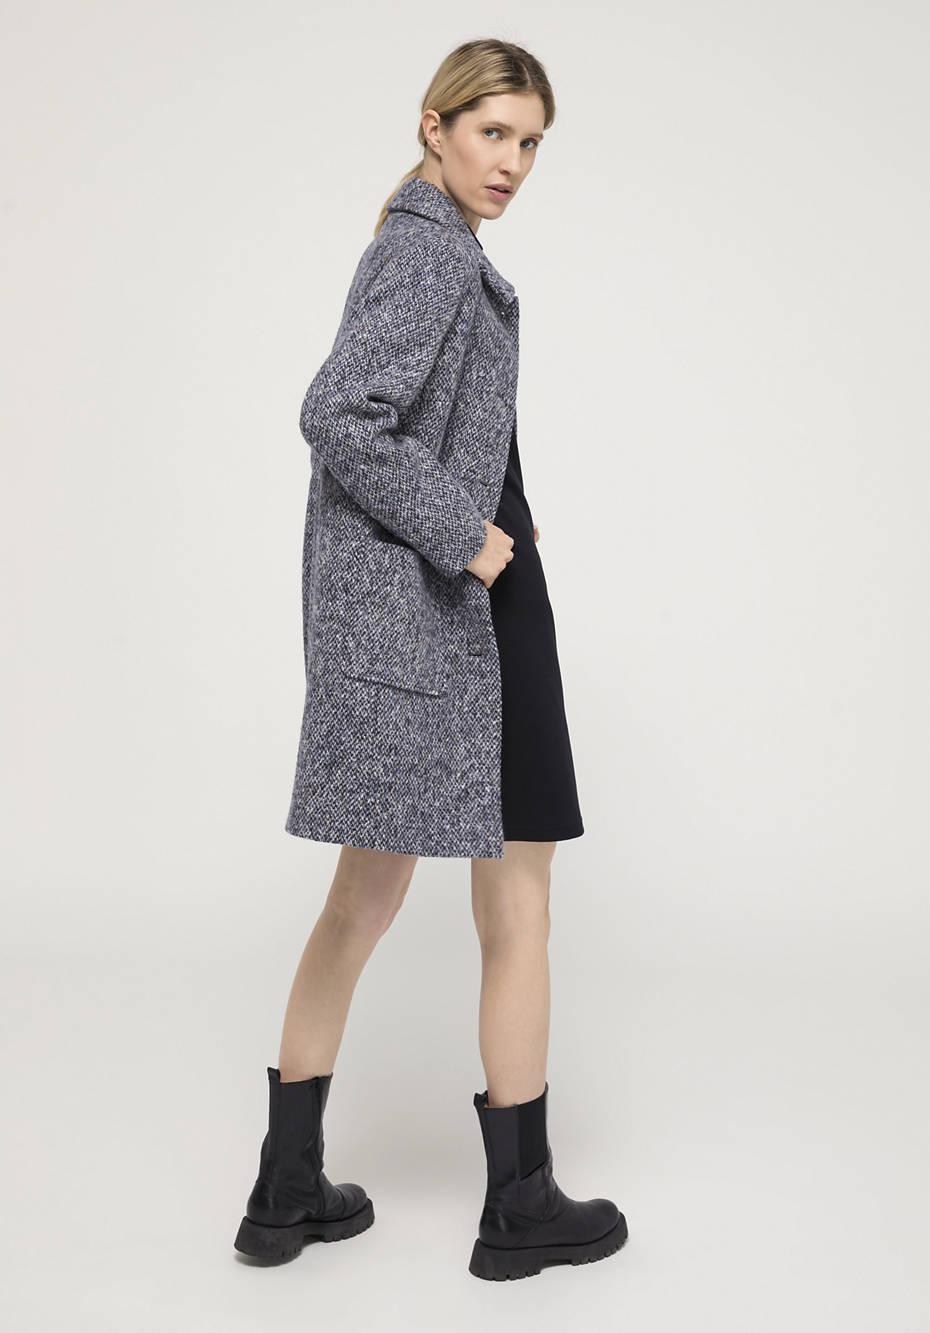 Mantel aus reiner Merinowolle